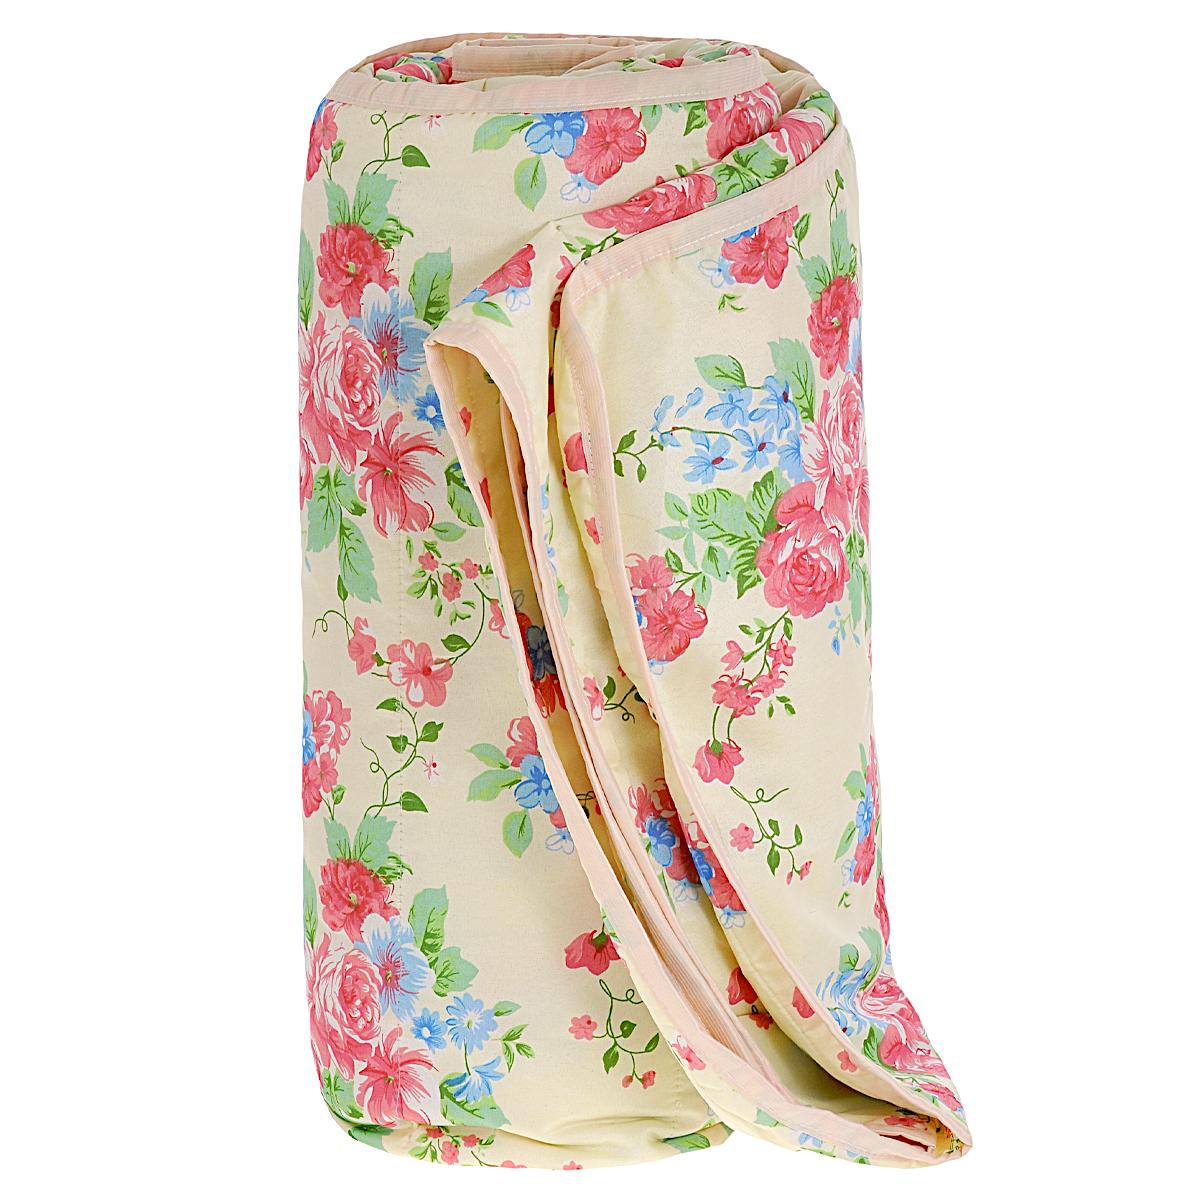 Одеяло летнее OL-Tex Miotex, наполнитель: овечья шерсть, цвет: сливочный, 200 х 220 смV30 AC DCЛетнее одеяло OL-Tex Miotex создаст комфорт и уют во время сна. Стеганый чехол выполнен из полиэстера и оформлен красочным рисунком. Внутри - наполнитель из натуральной овечьей шерсти.Свойства шерсти уникальны, а шерсть овцы человек с древних времен использует себе на пользу. Шерсть овцы воздухопроницаема, она имеет между ворсинками воздушные пузырьки, что обеспечивает прекрасную терморегуляцию. Овечья шерсть прогревает тело сухим теплом, успокаивает боль, создает атмосферу комфорта. Шерсть помогает бороться со стрессом, обладает успокаивающим эффектом.Летнее одеяло из натуральной овечьей шерсти удобно и комфортно, оно создаст оптимальный микроклимат в постели - в теплое время года под ним не будет ни холодно, ни жарко. Рекомендации по уходу:- Нельзя стирать.- Нельзя отбеливать. - Не гладить. Не применять обработку паром.- Нельзя выжимать и сушить в стиральной машине. - Химчистка с использованием углеводорода, хлорного этилена. Размер одеяла: 200 см х 220 см. Материал чехла: 100% полиэстер. Материал наполнителя: овечья шерсть. Плотность: 100 г/м2.